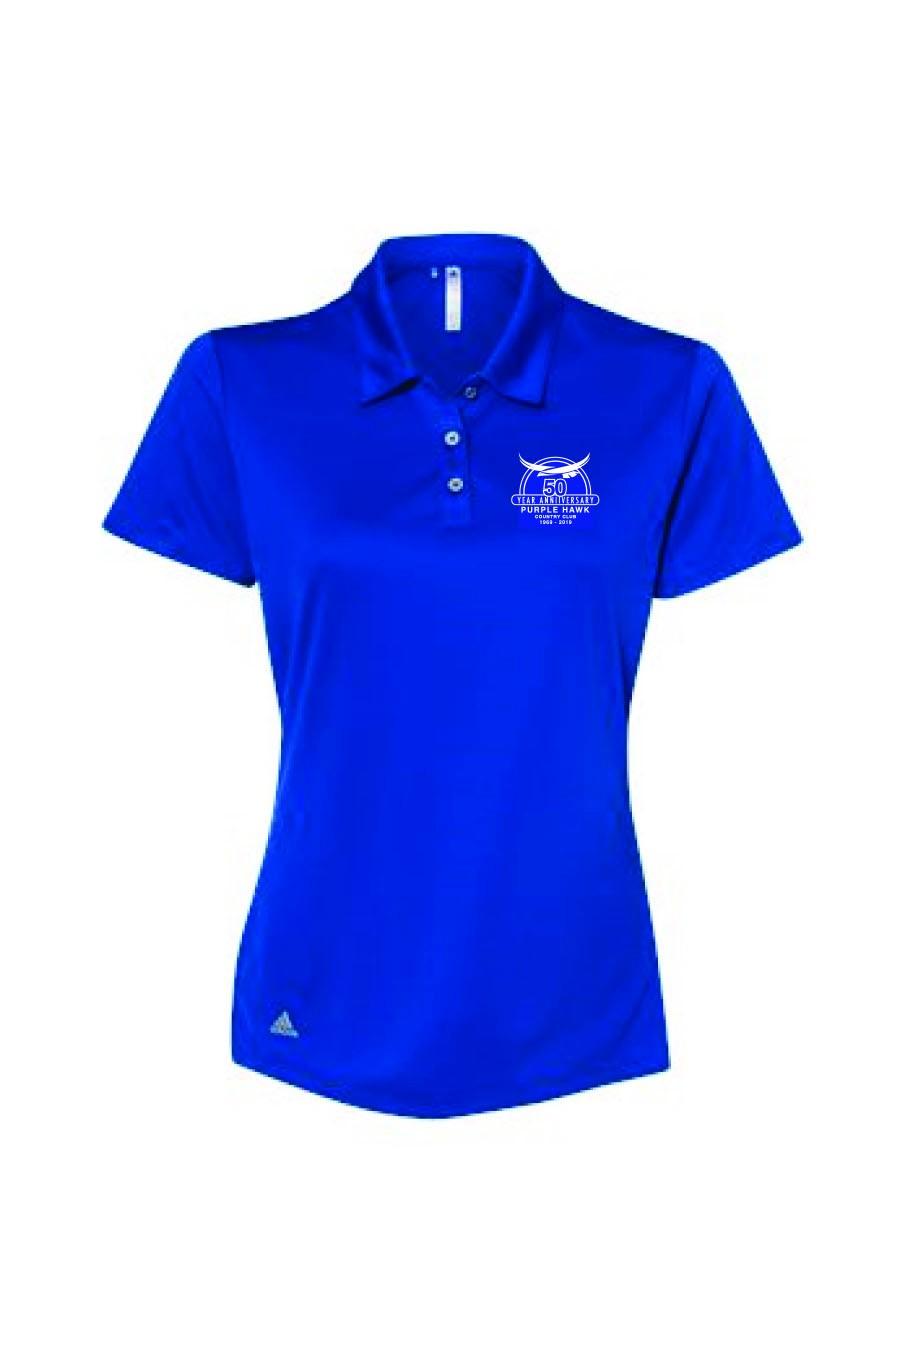 Adidas - Women's Performance Sport Shirt